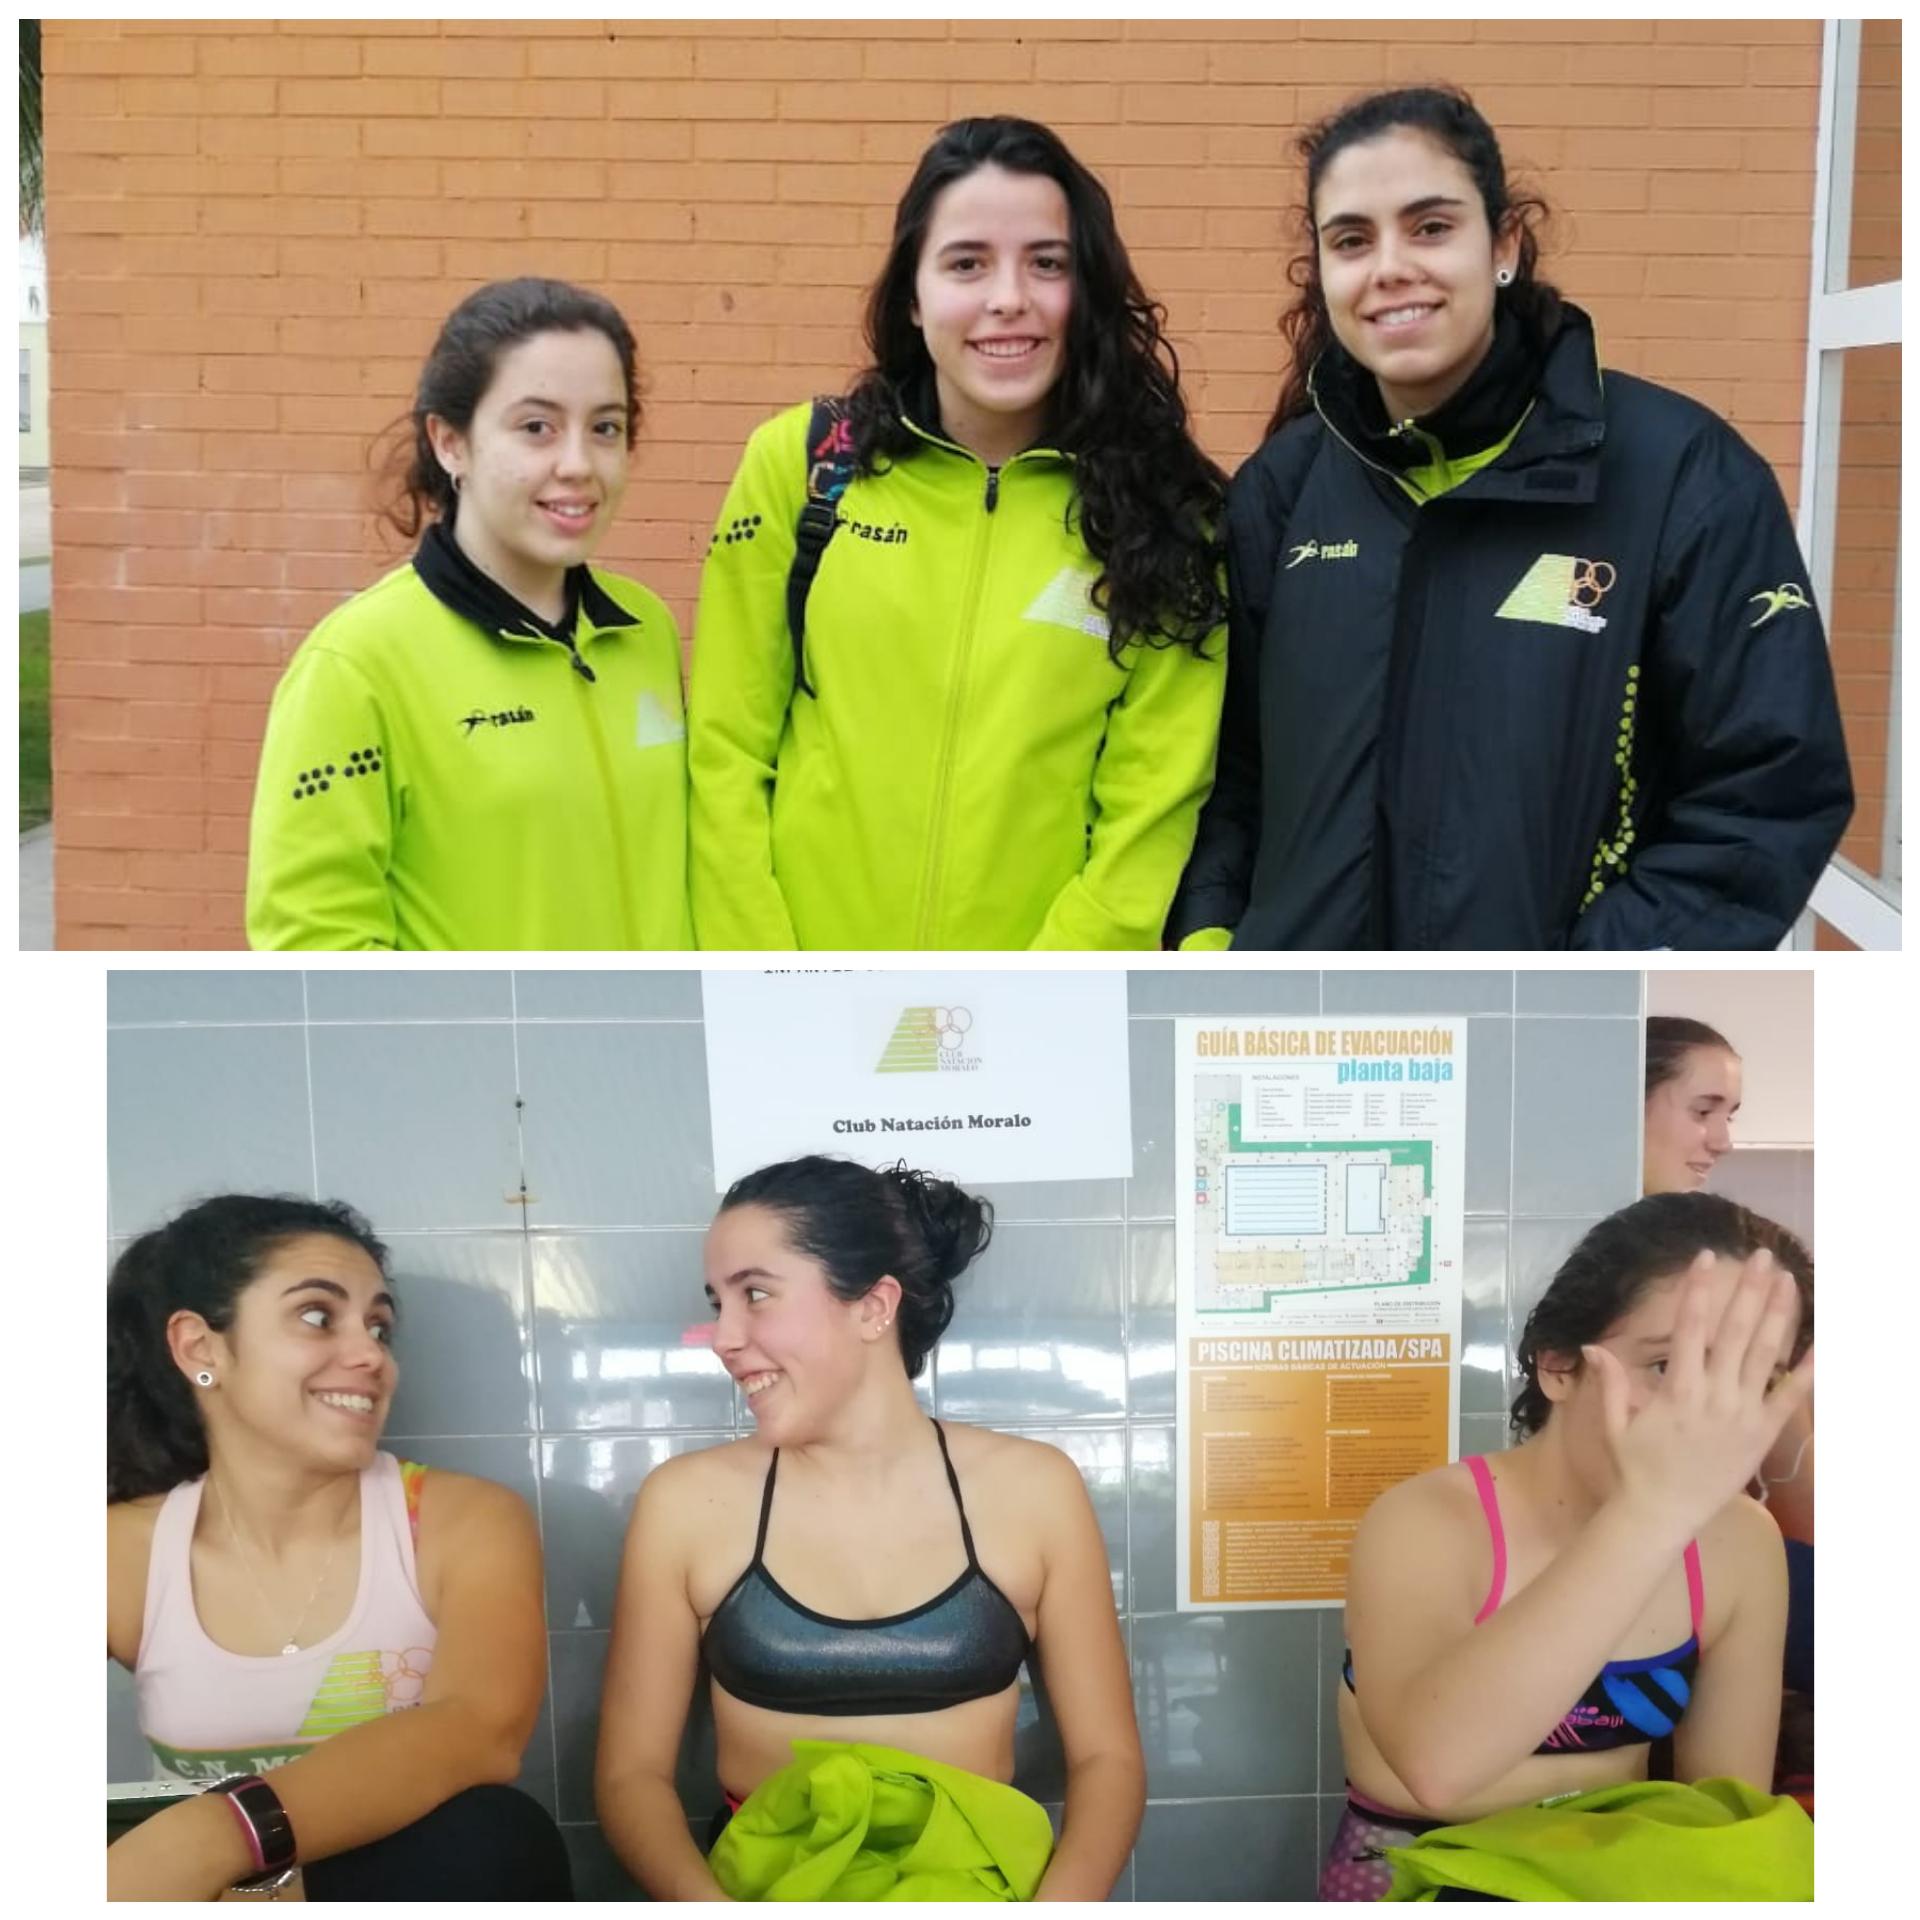 Sara Nieto y Carmen Domínguez en el CTO. de Extremadura Infantil y Junior